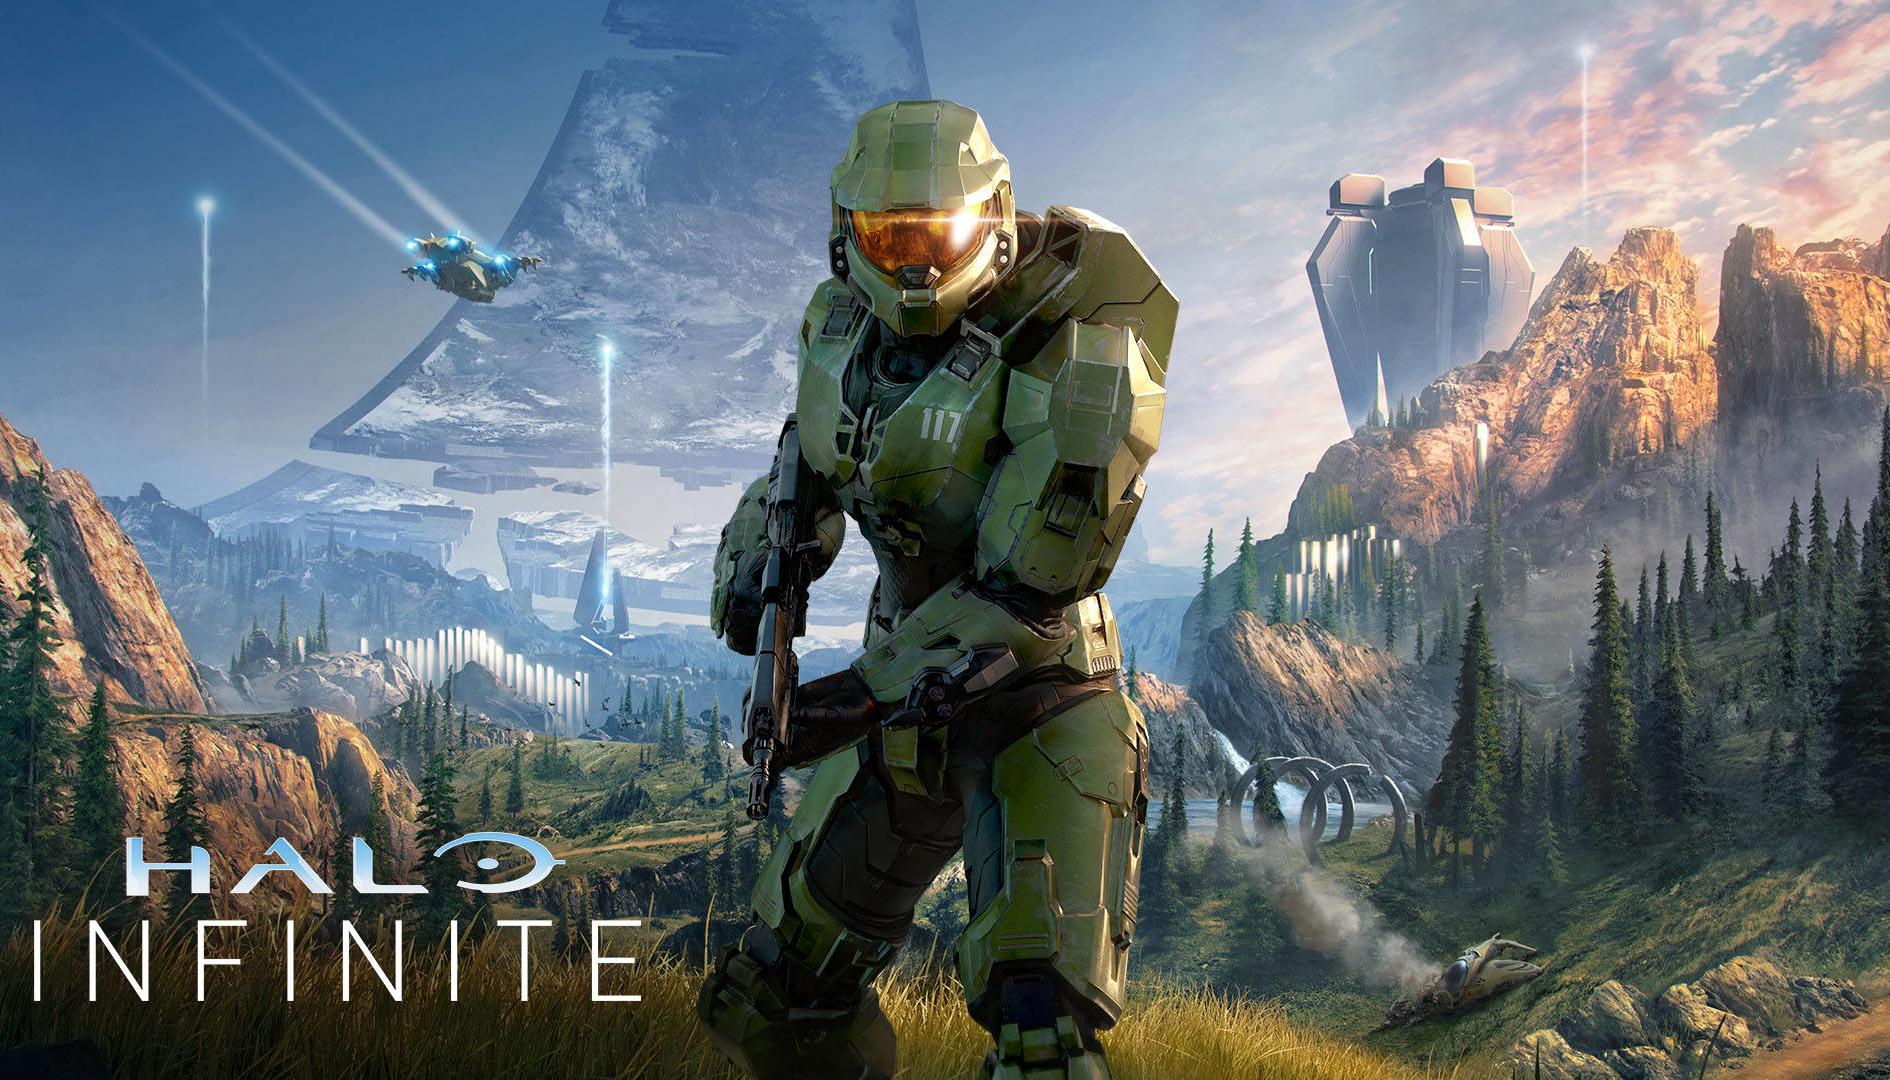 Halo Infinite: supporto decennale e ray tracing, i dettagli